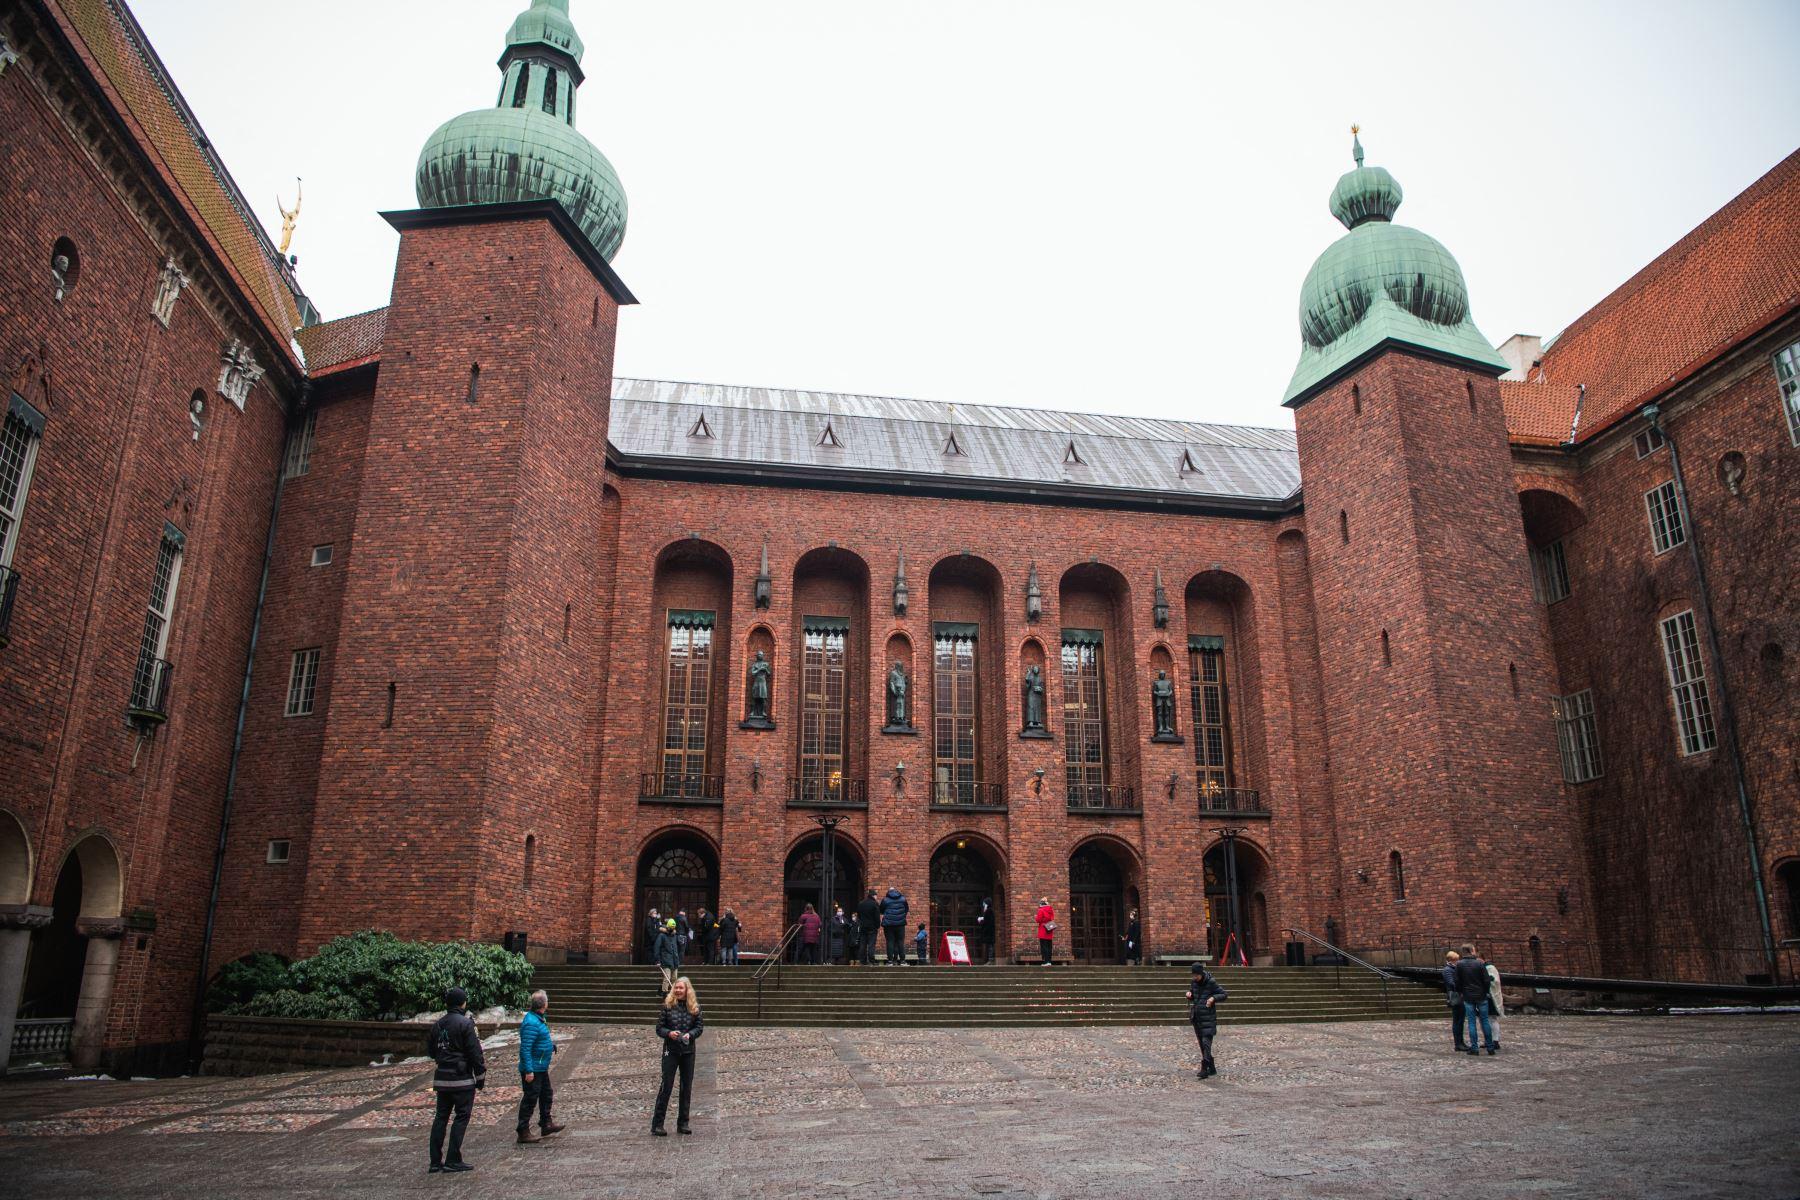 La gente espera su turno para entrar al Ayuntamiento de Estocolmo, conocido como sede de los banquetes del Premio Nobel y convertido ahora en un centro de vacunación covid-19. Foto: AFP